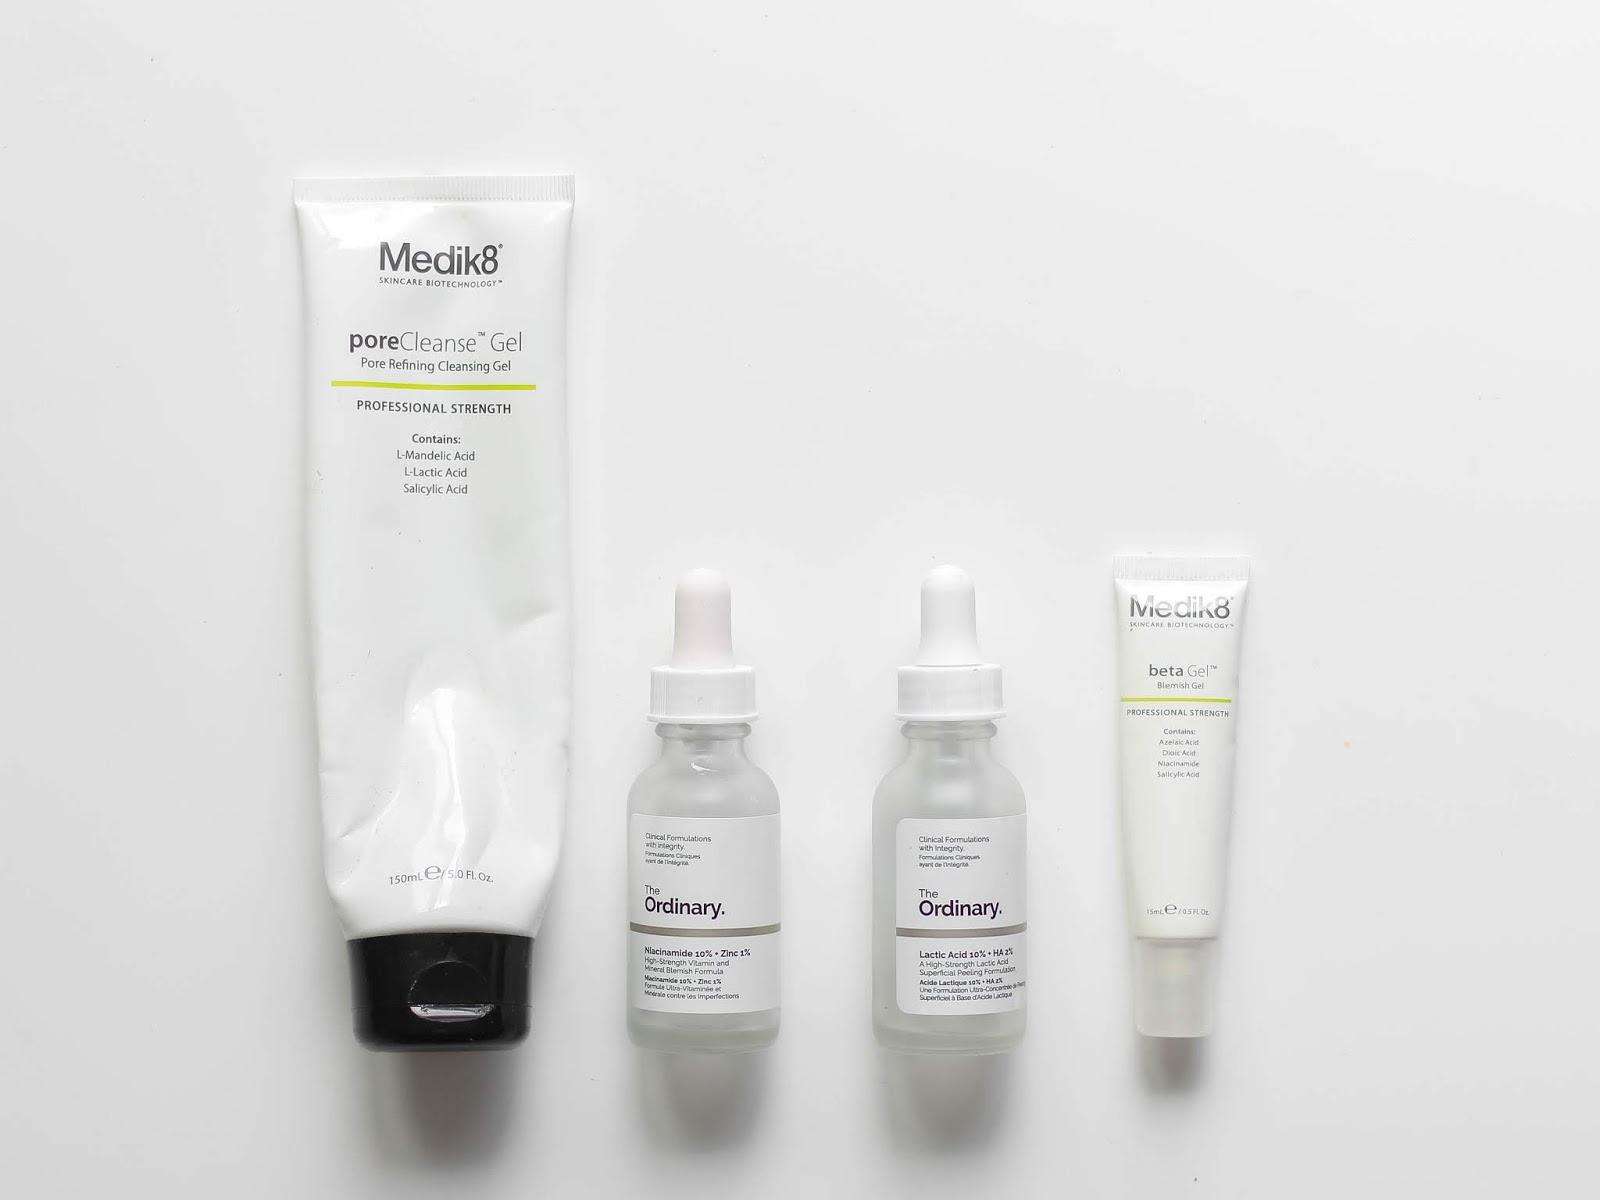 spotřebováno kosmetika the ordinary recenze medik8